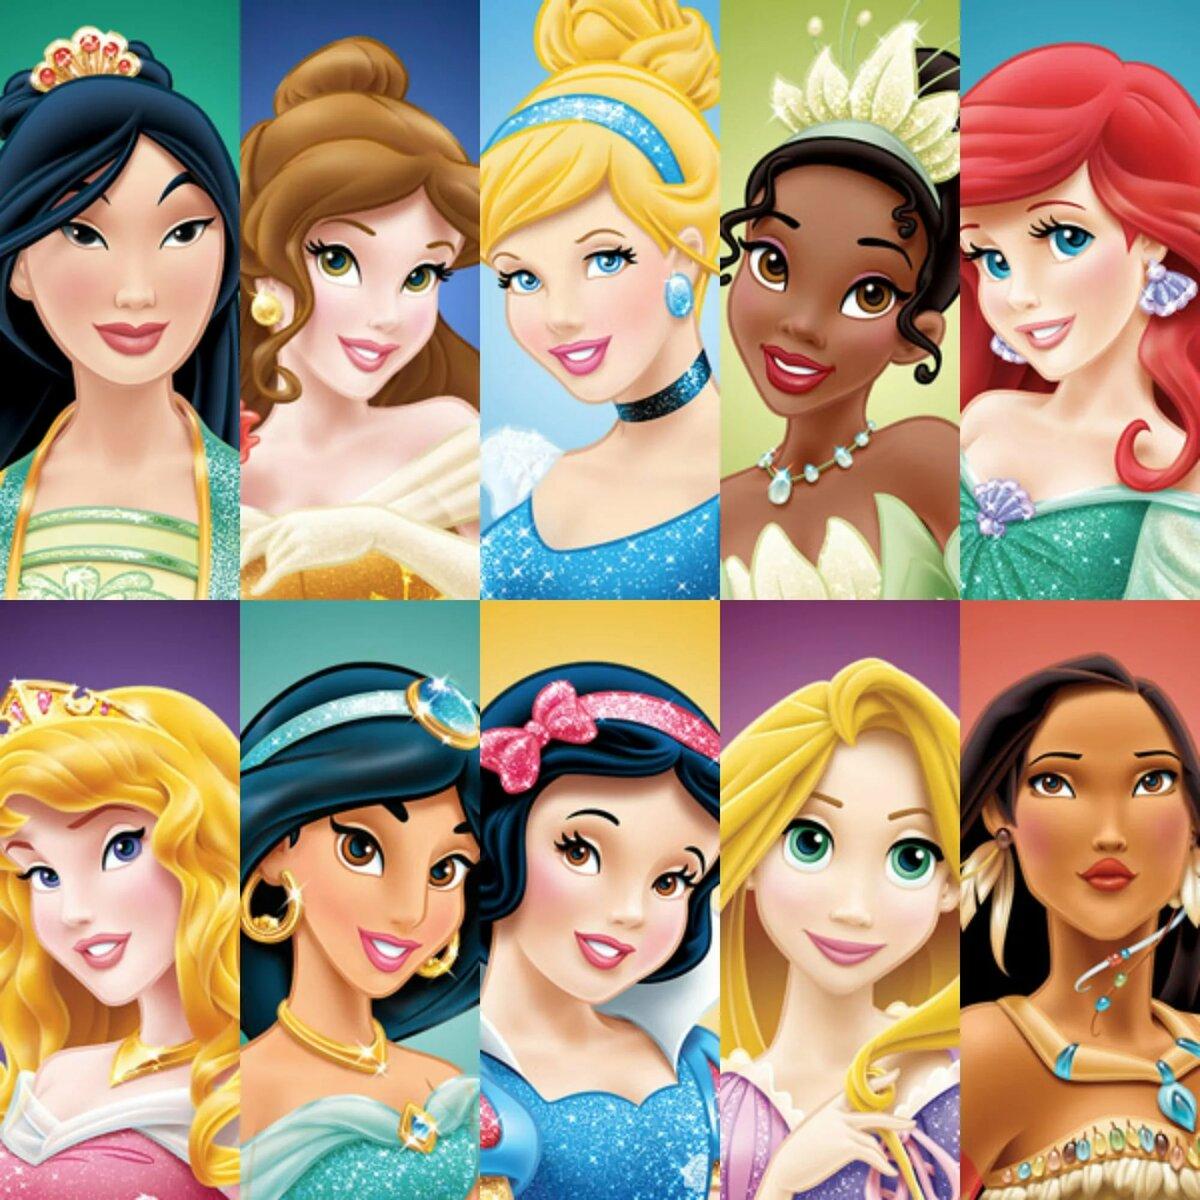 Дисней персонажи картинки принцессы все